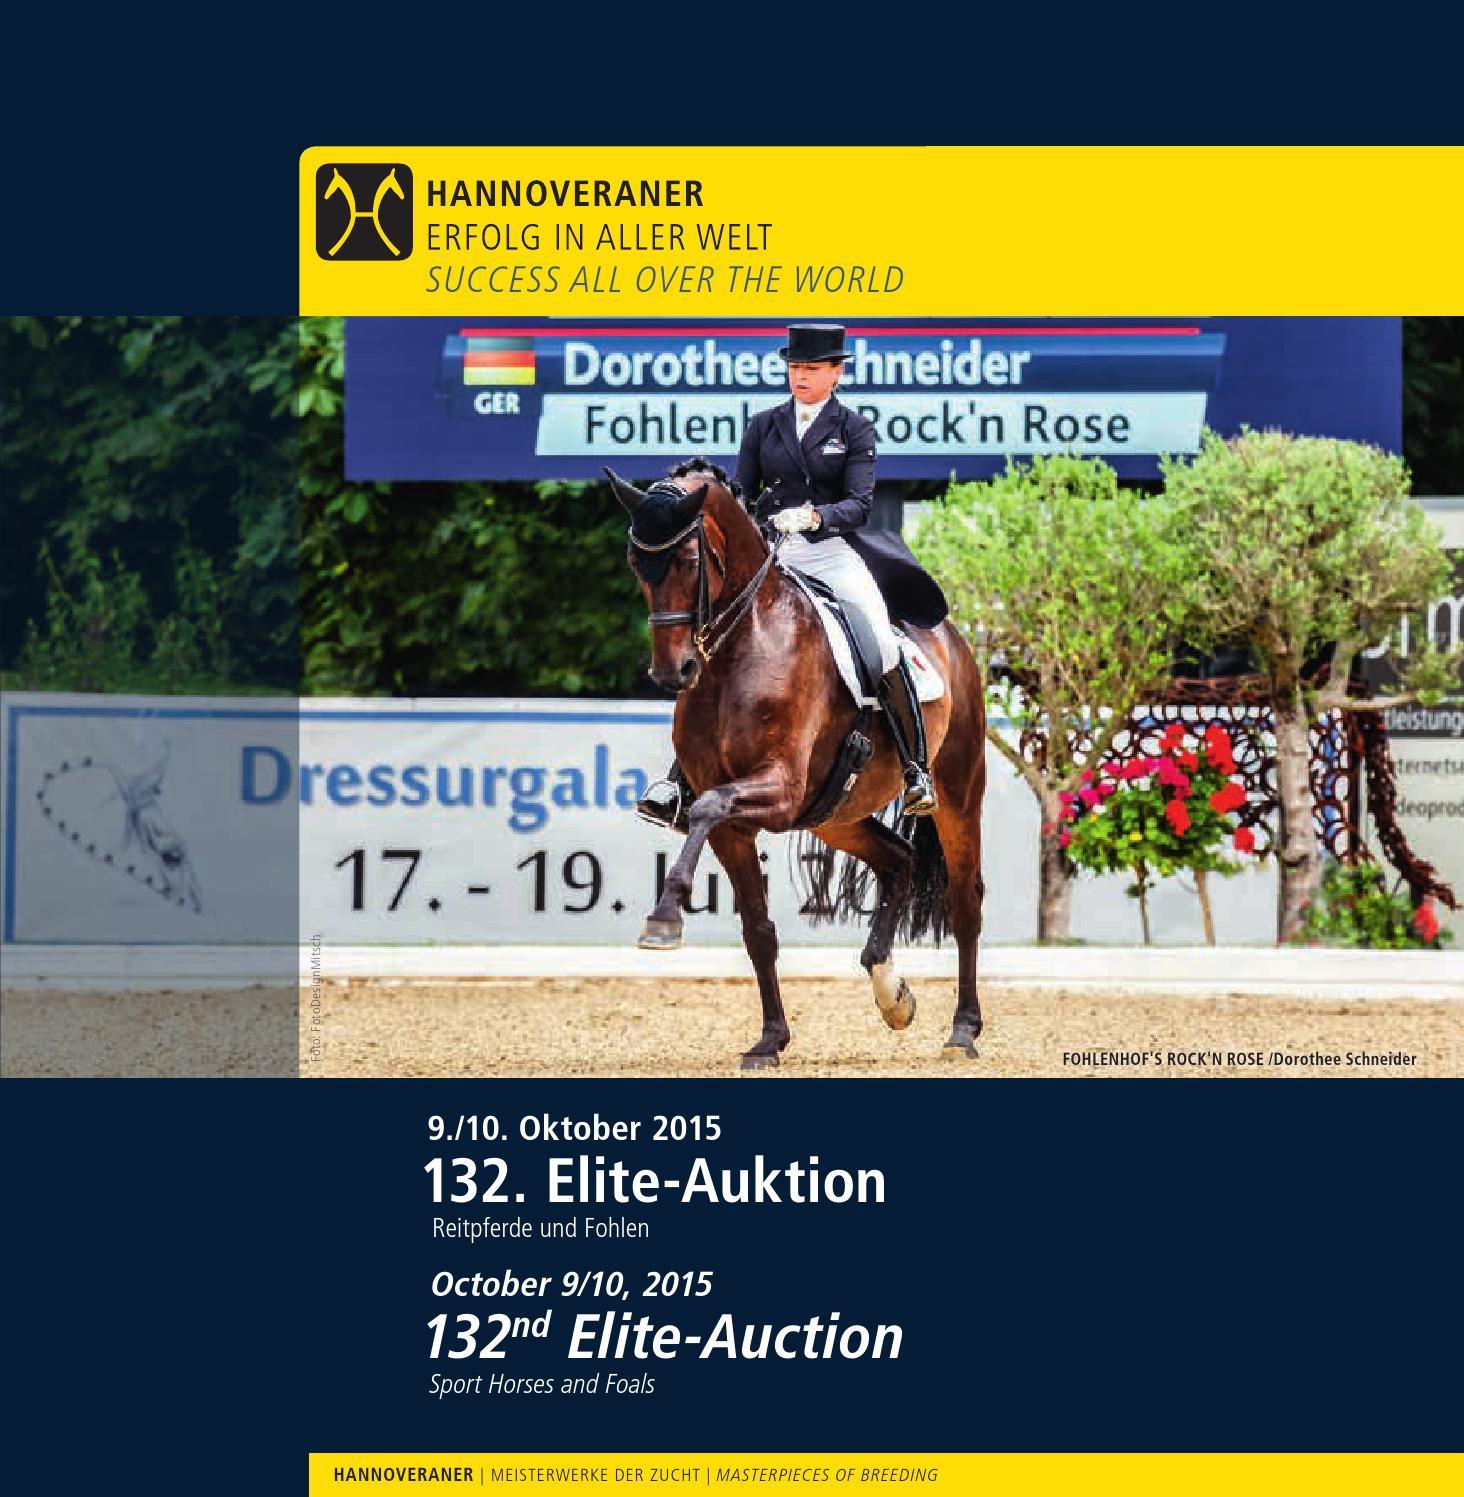 132. Elite-Auktion Reitpferde und Fohlen - 132nd Elite-Auction of ...